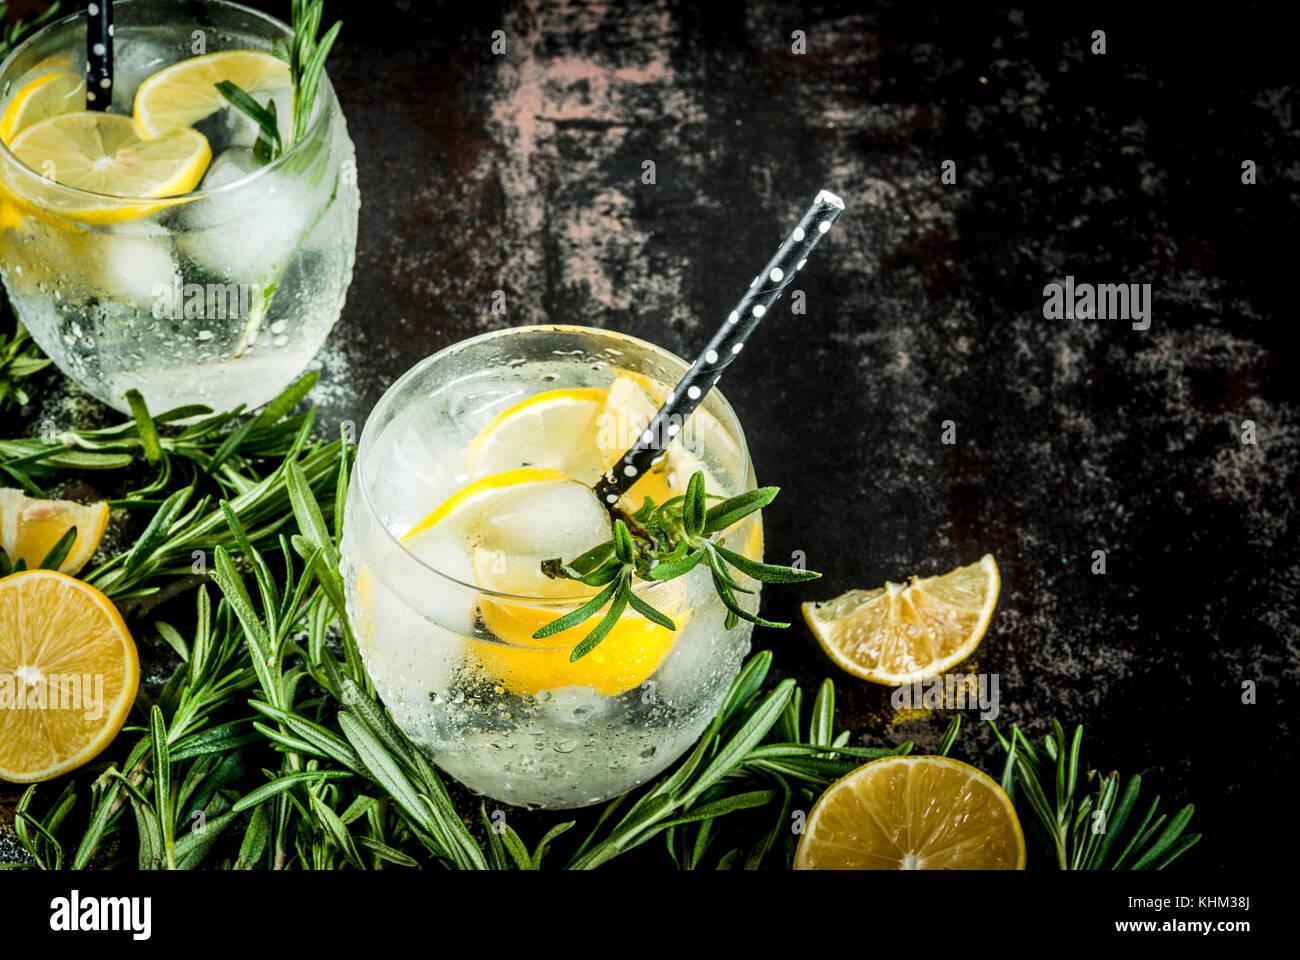 Kalte Limonade oder Alkohol Wodka Cocktail mit Zitrone und Rosmarin, auf einem schwarzen Rusty metallischen Hintergrund, Stockbild